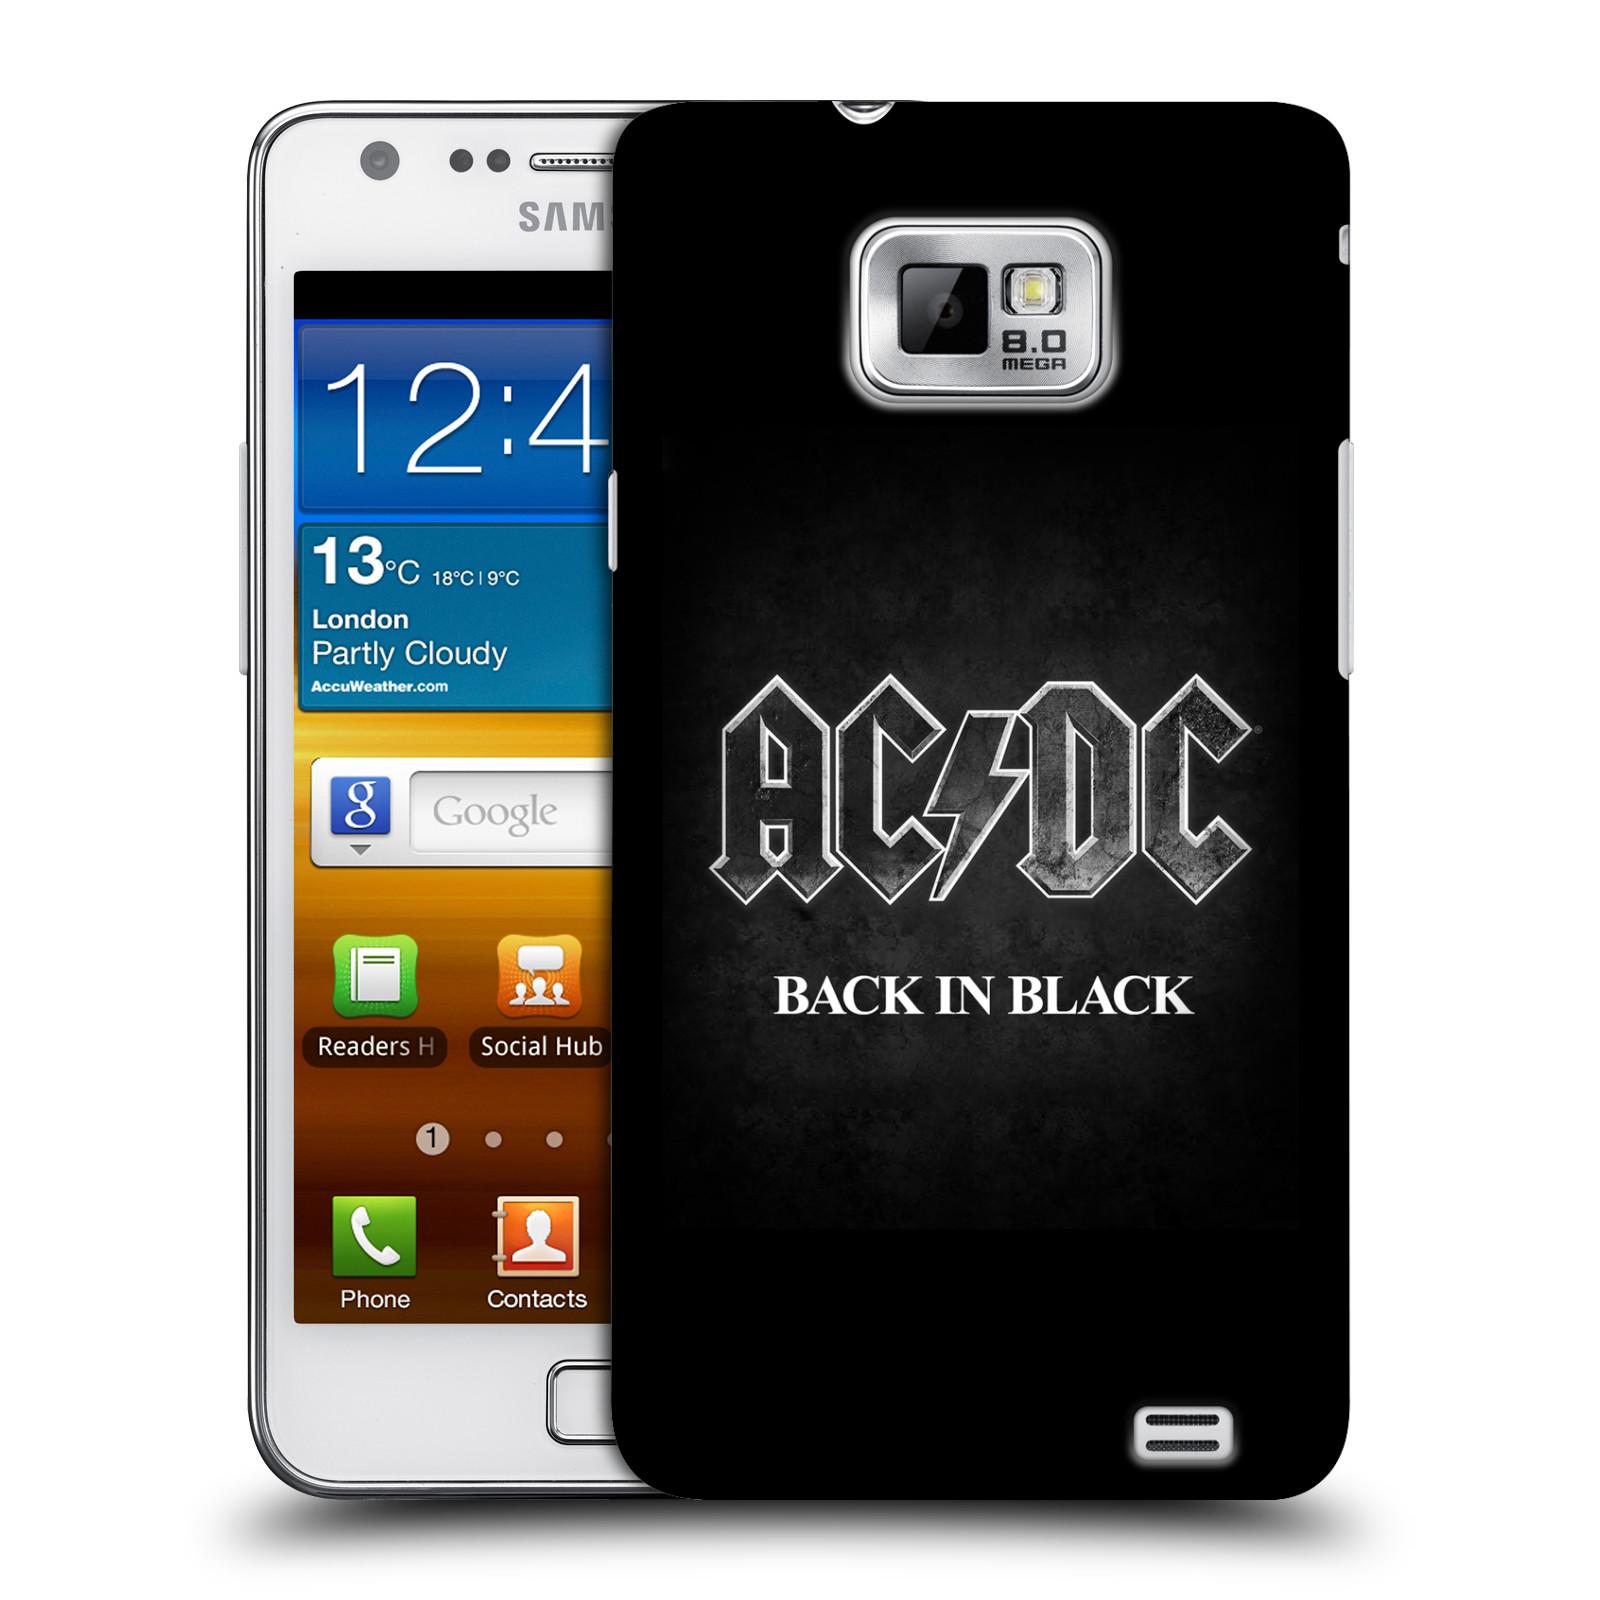 Plastové pouzdro na mobil Samsung Galaxy S II HEAD CASE AC/DC BACK IN BLACK (Plastový kryt či obal na mobilní telefon s oficiálním motivem australské skupiny AC/DC pro Samsung Galaxy S II GT-i9100)